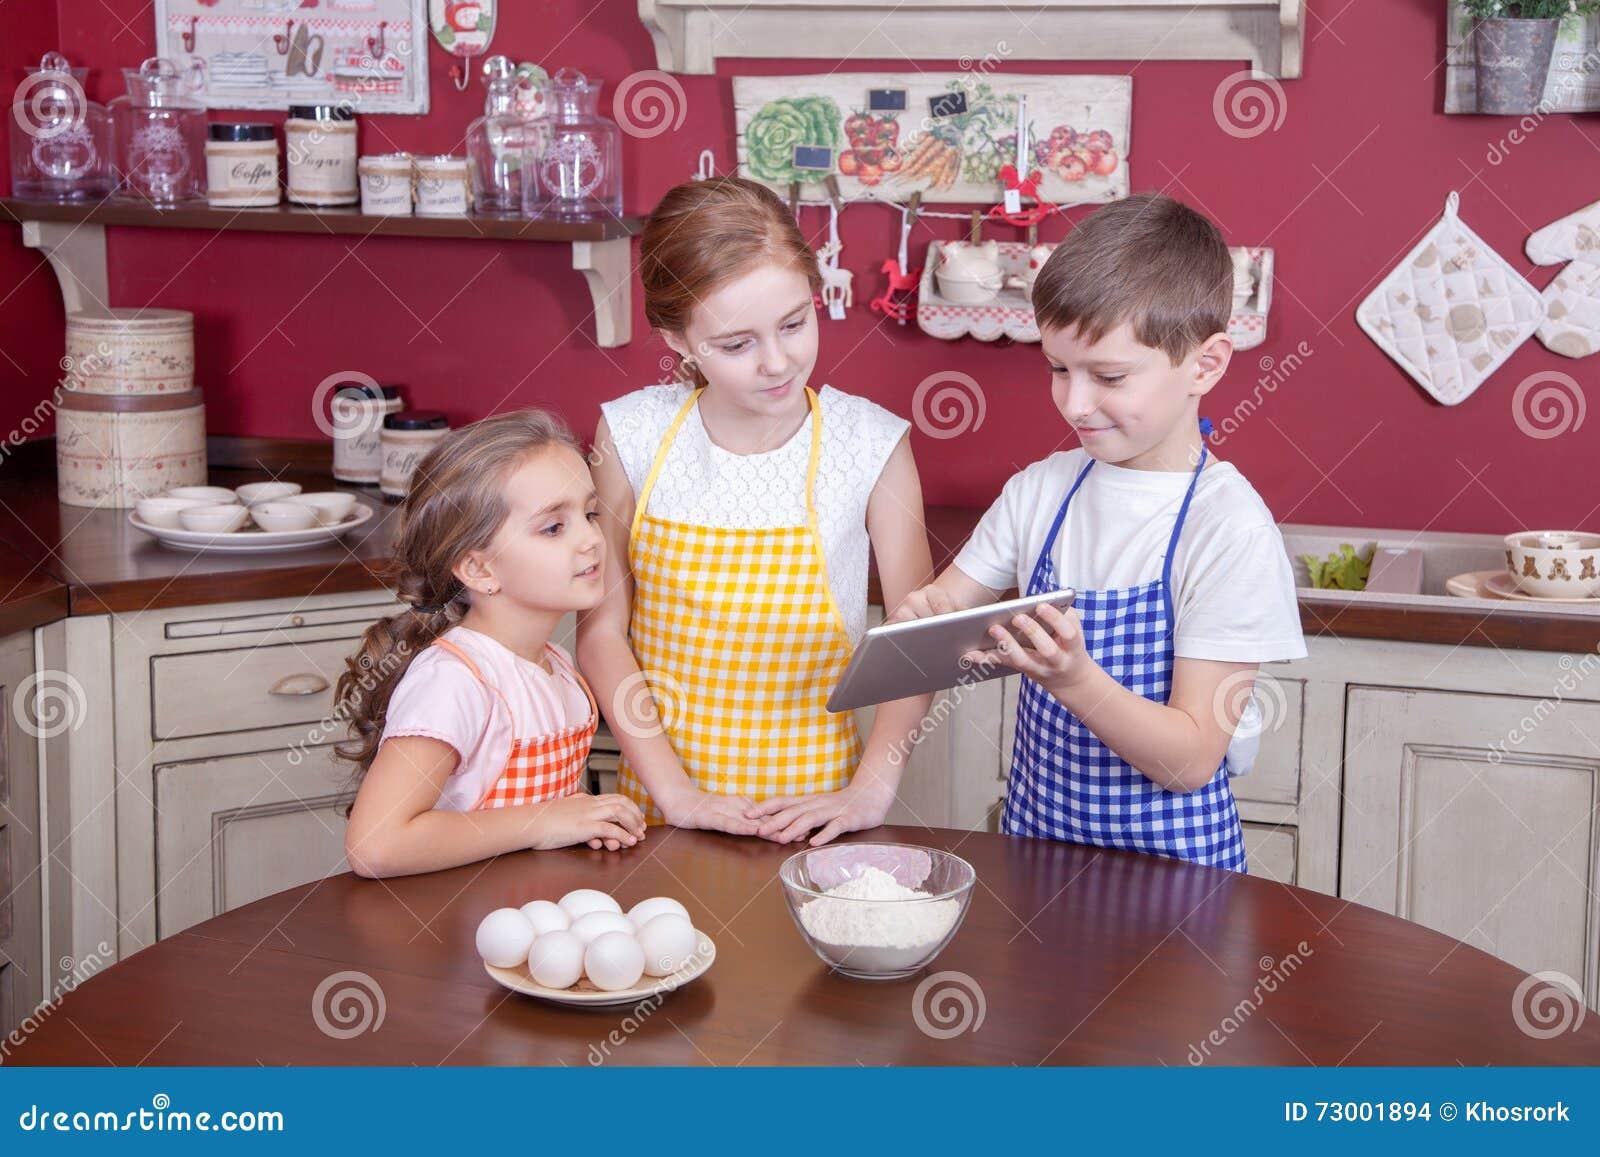 Enfants Dans La Cuisine Essayant D Apprendre La Cuisson Photo